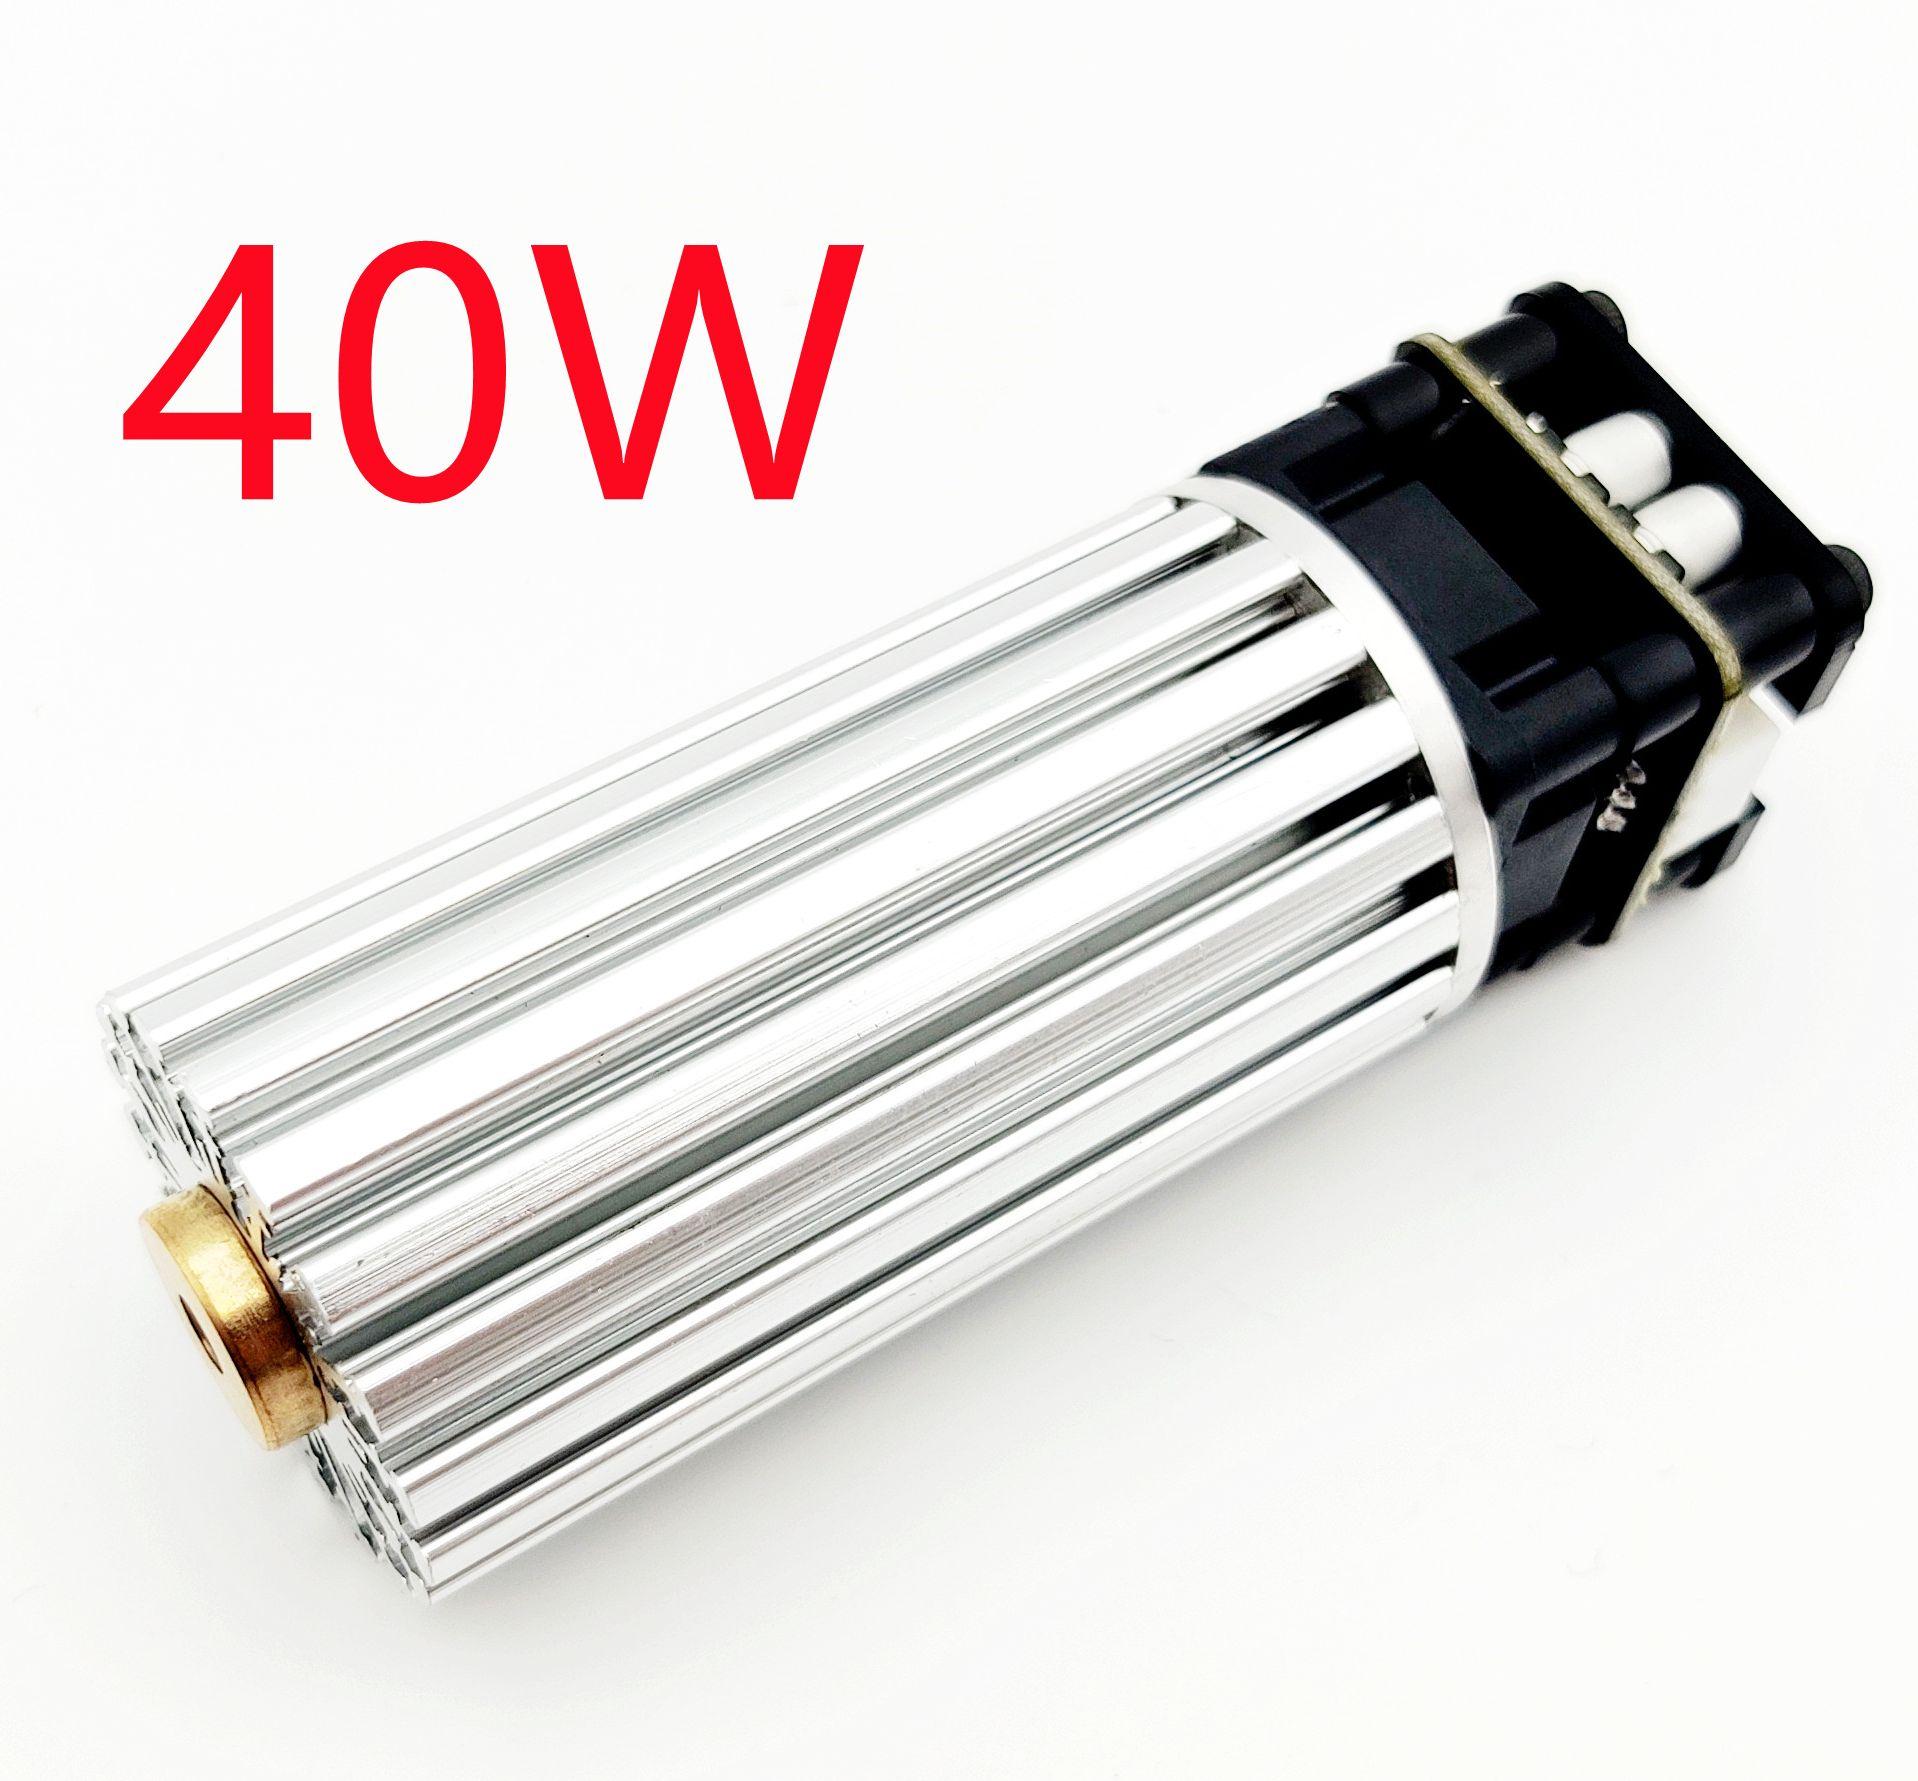 Лазерный модуль cnc3018, 40 Вт, лазерная головка для гравировки, 450 нм, синий лазер, инструмент для гравировки по дереву, Лазерная гравировальная ...